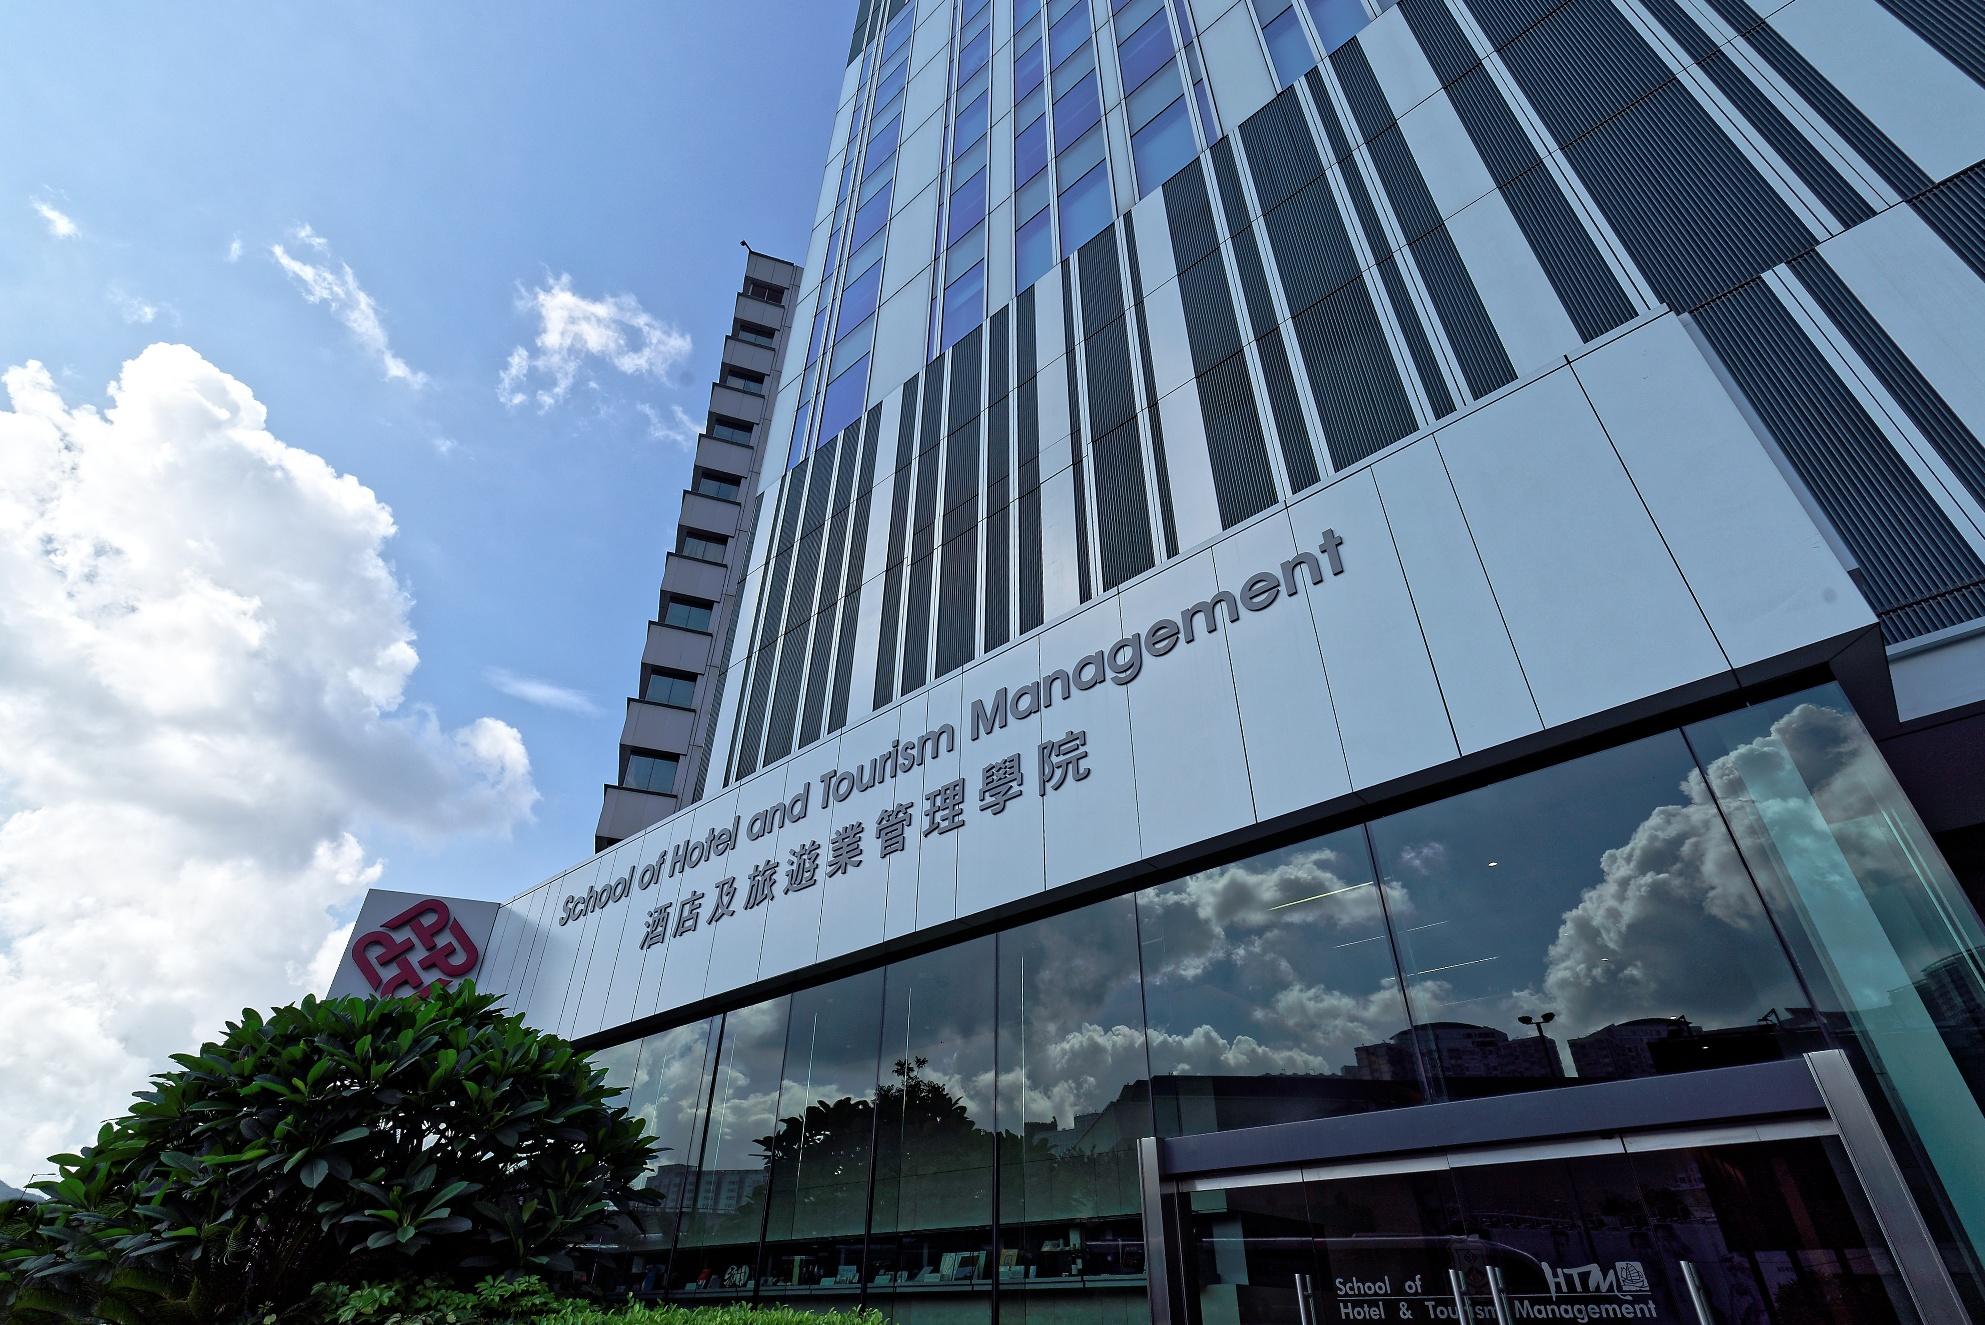 Hong kong poly events